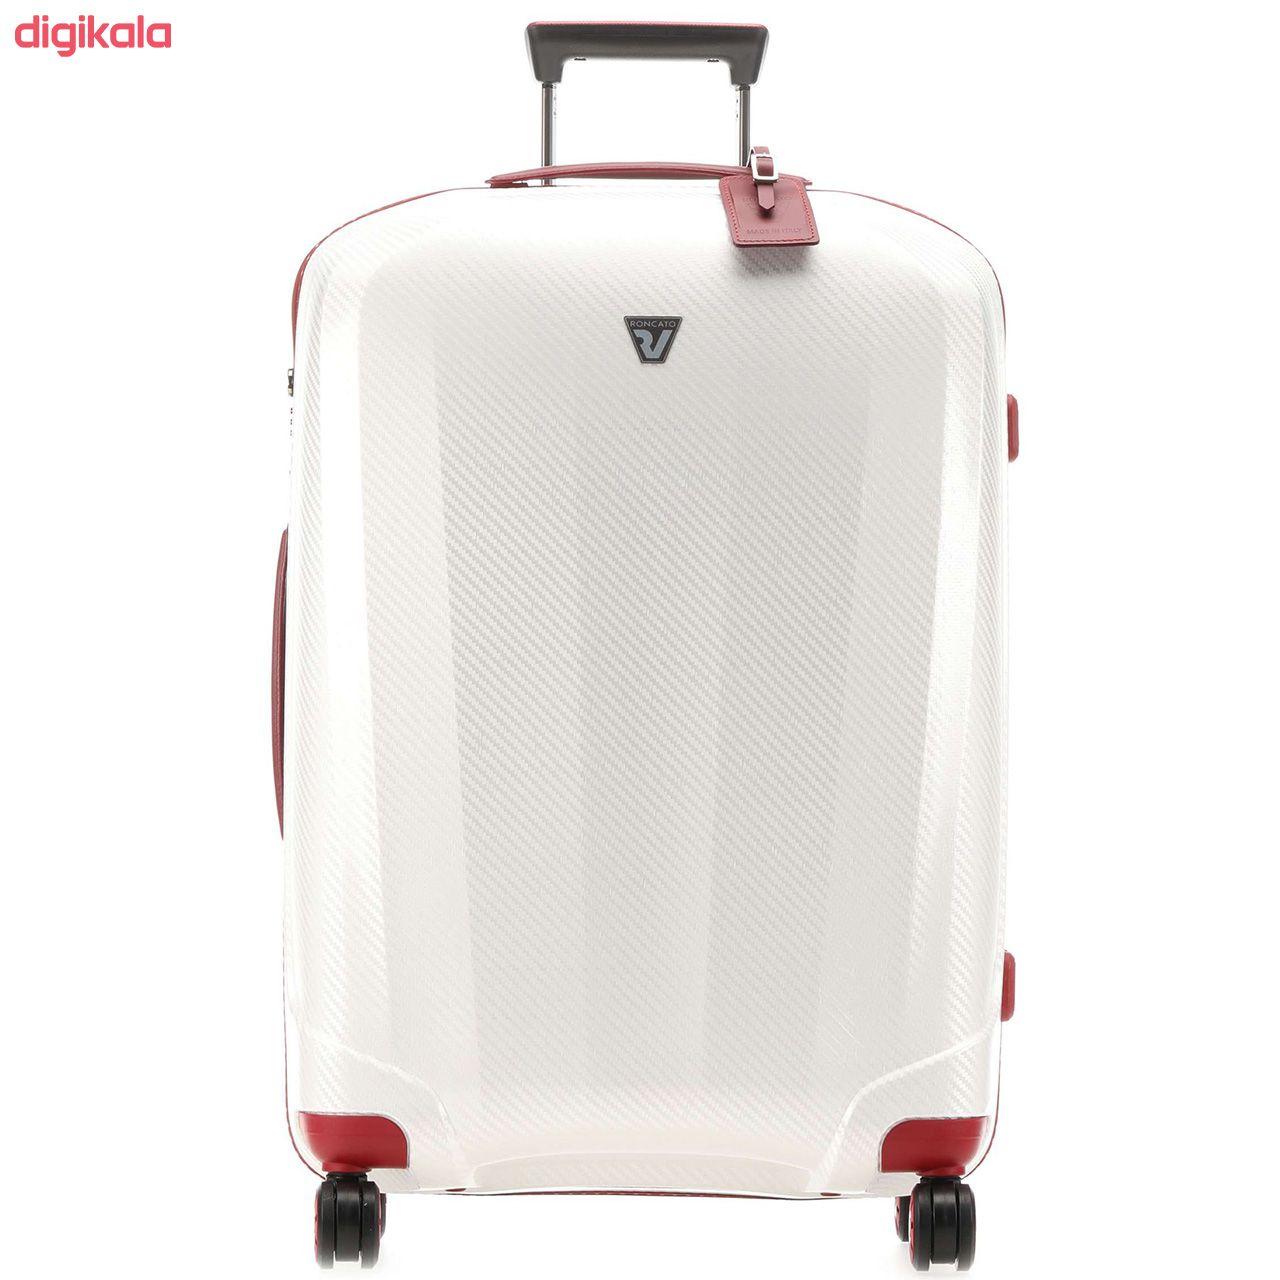 مجموعه سه عددی چمدان رونکاتو مدل 5950 main 1 25